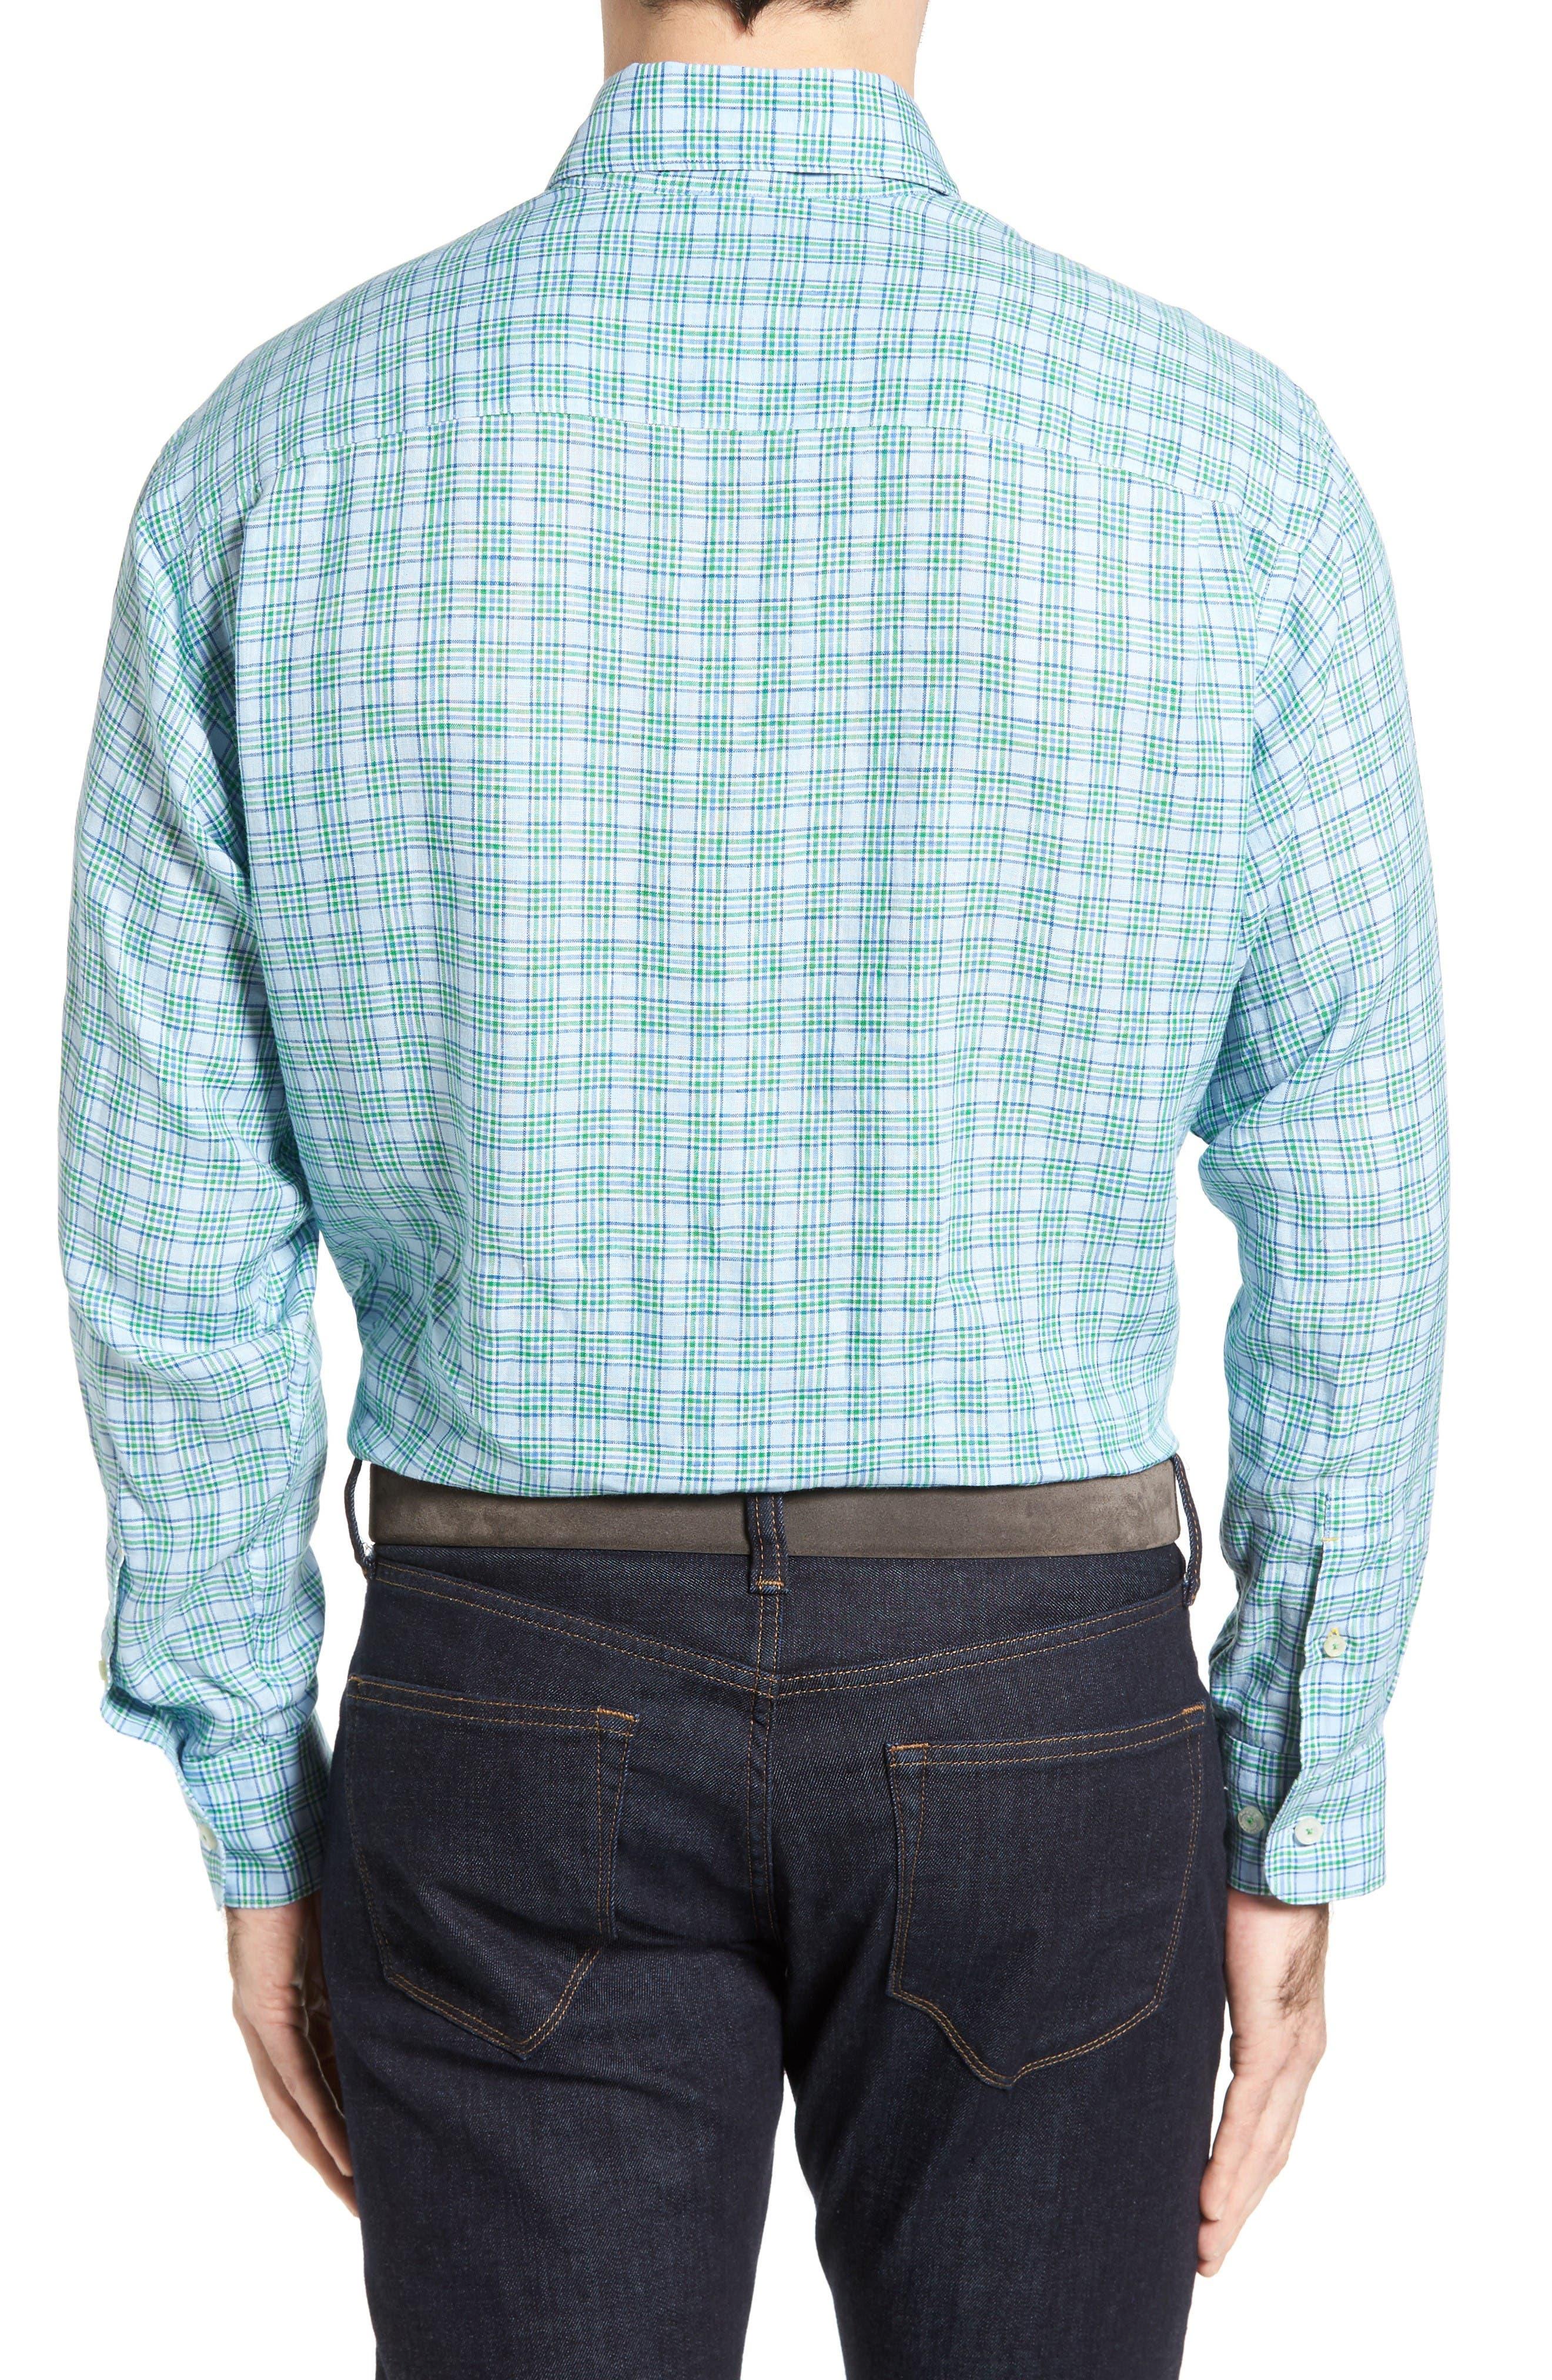 Anderson Classic Fit Sport Shirt,                             Alternate thumbnail 2, color,                             Aqua